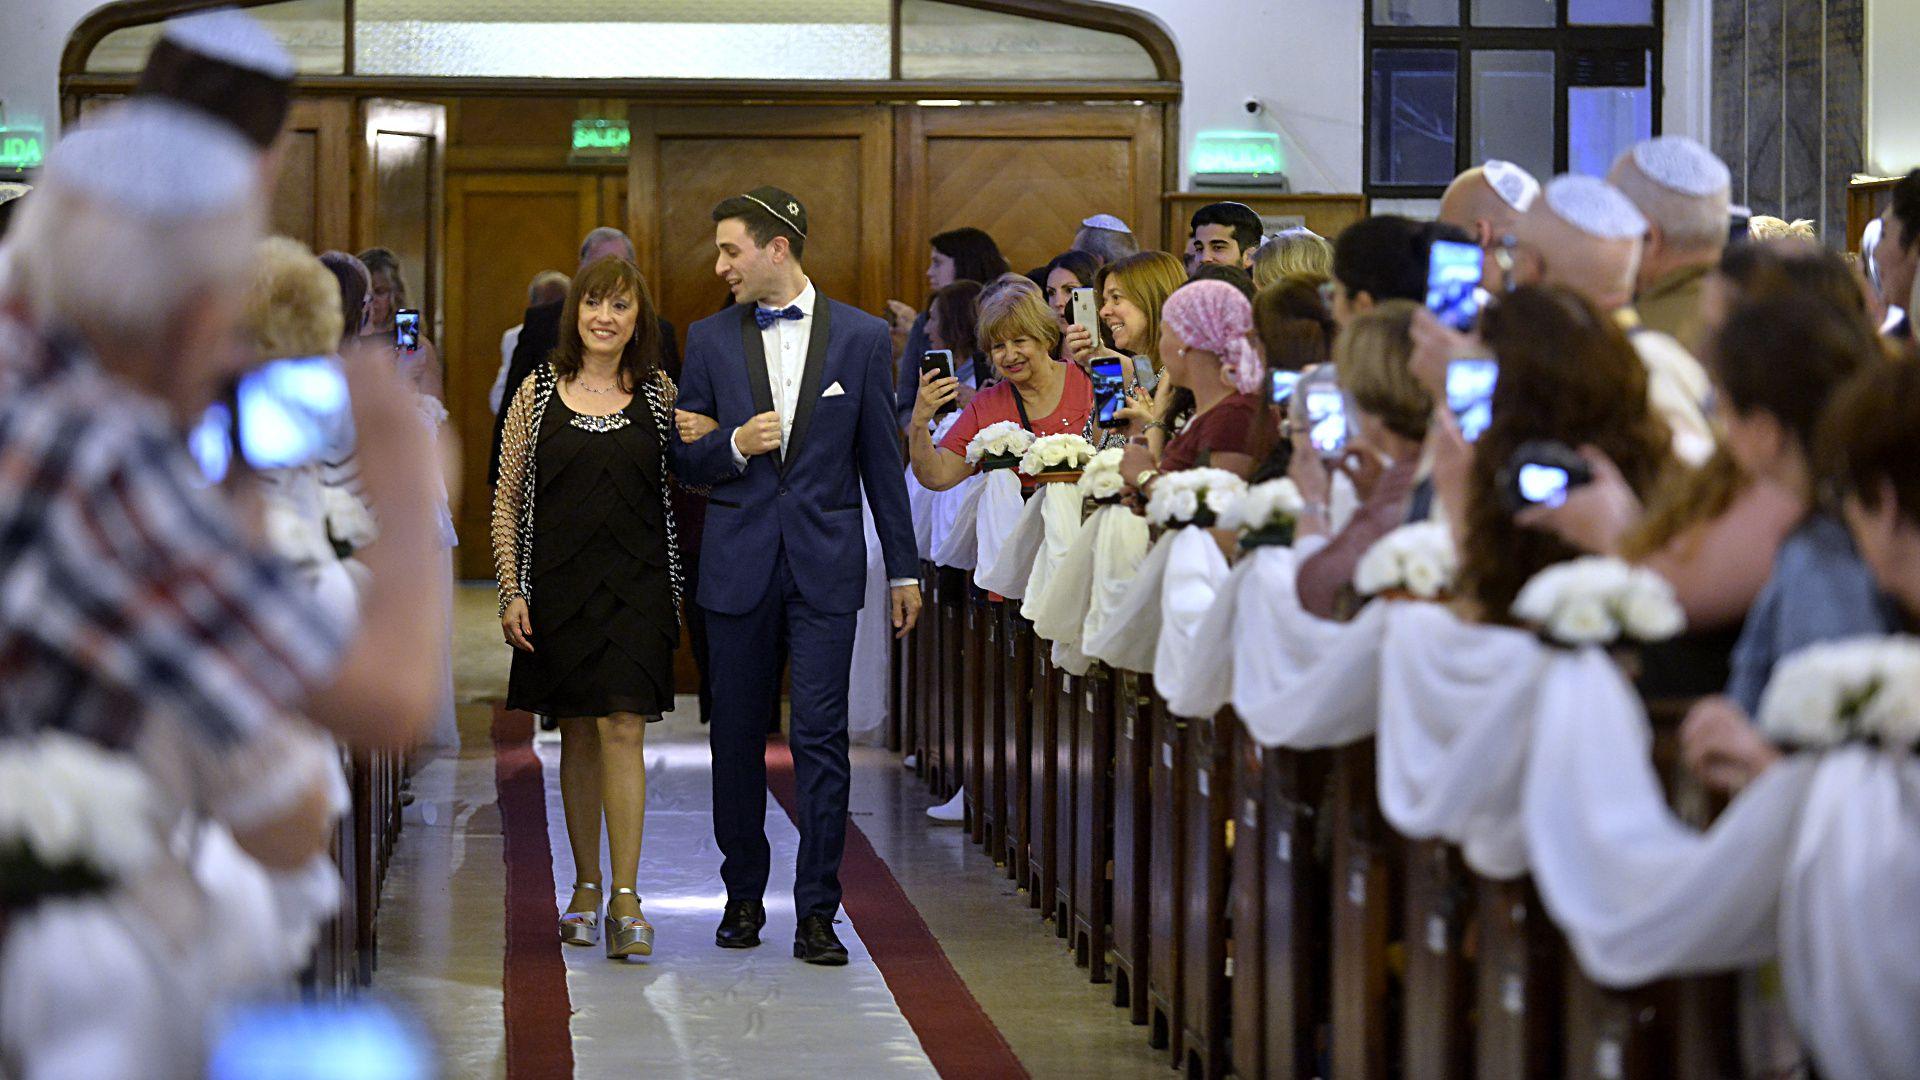 NIcolás hace su ingreso al templo junto a su madre